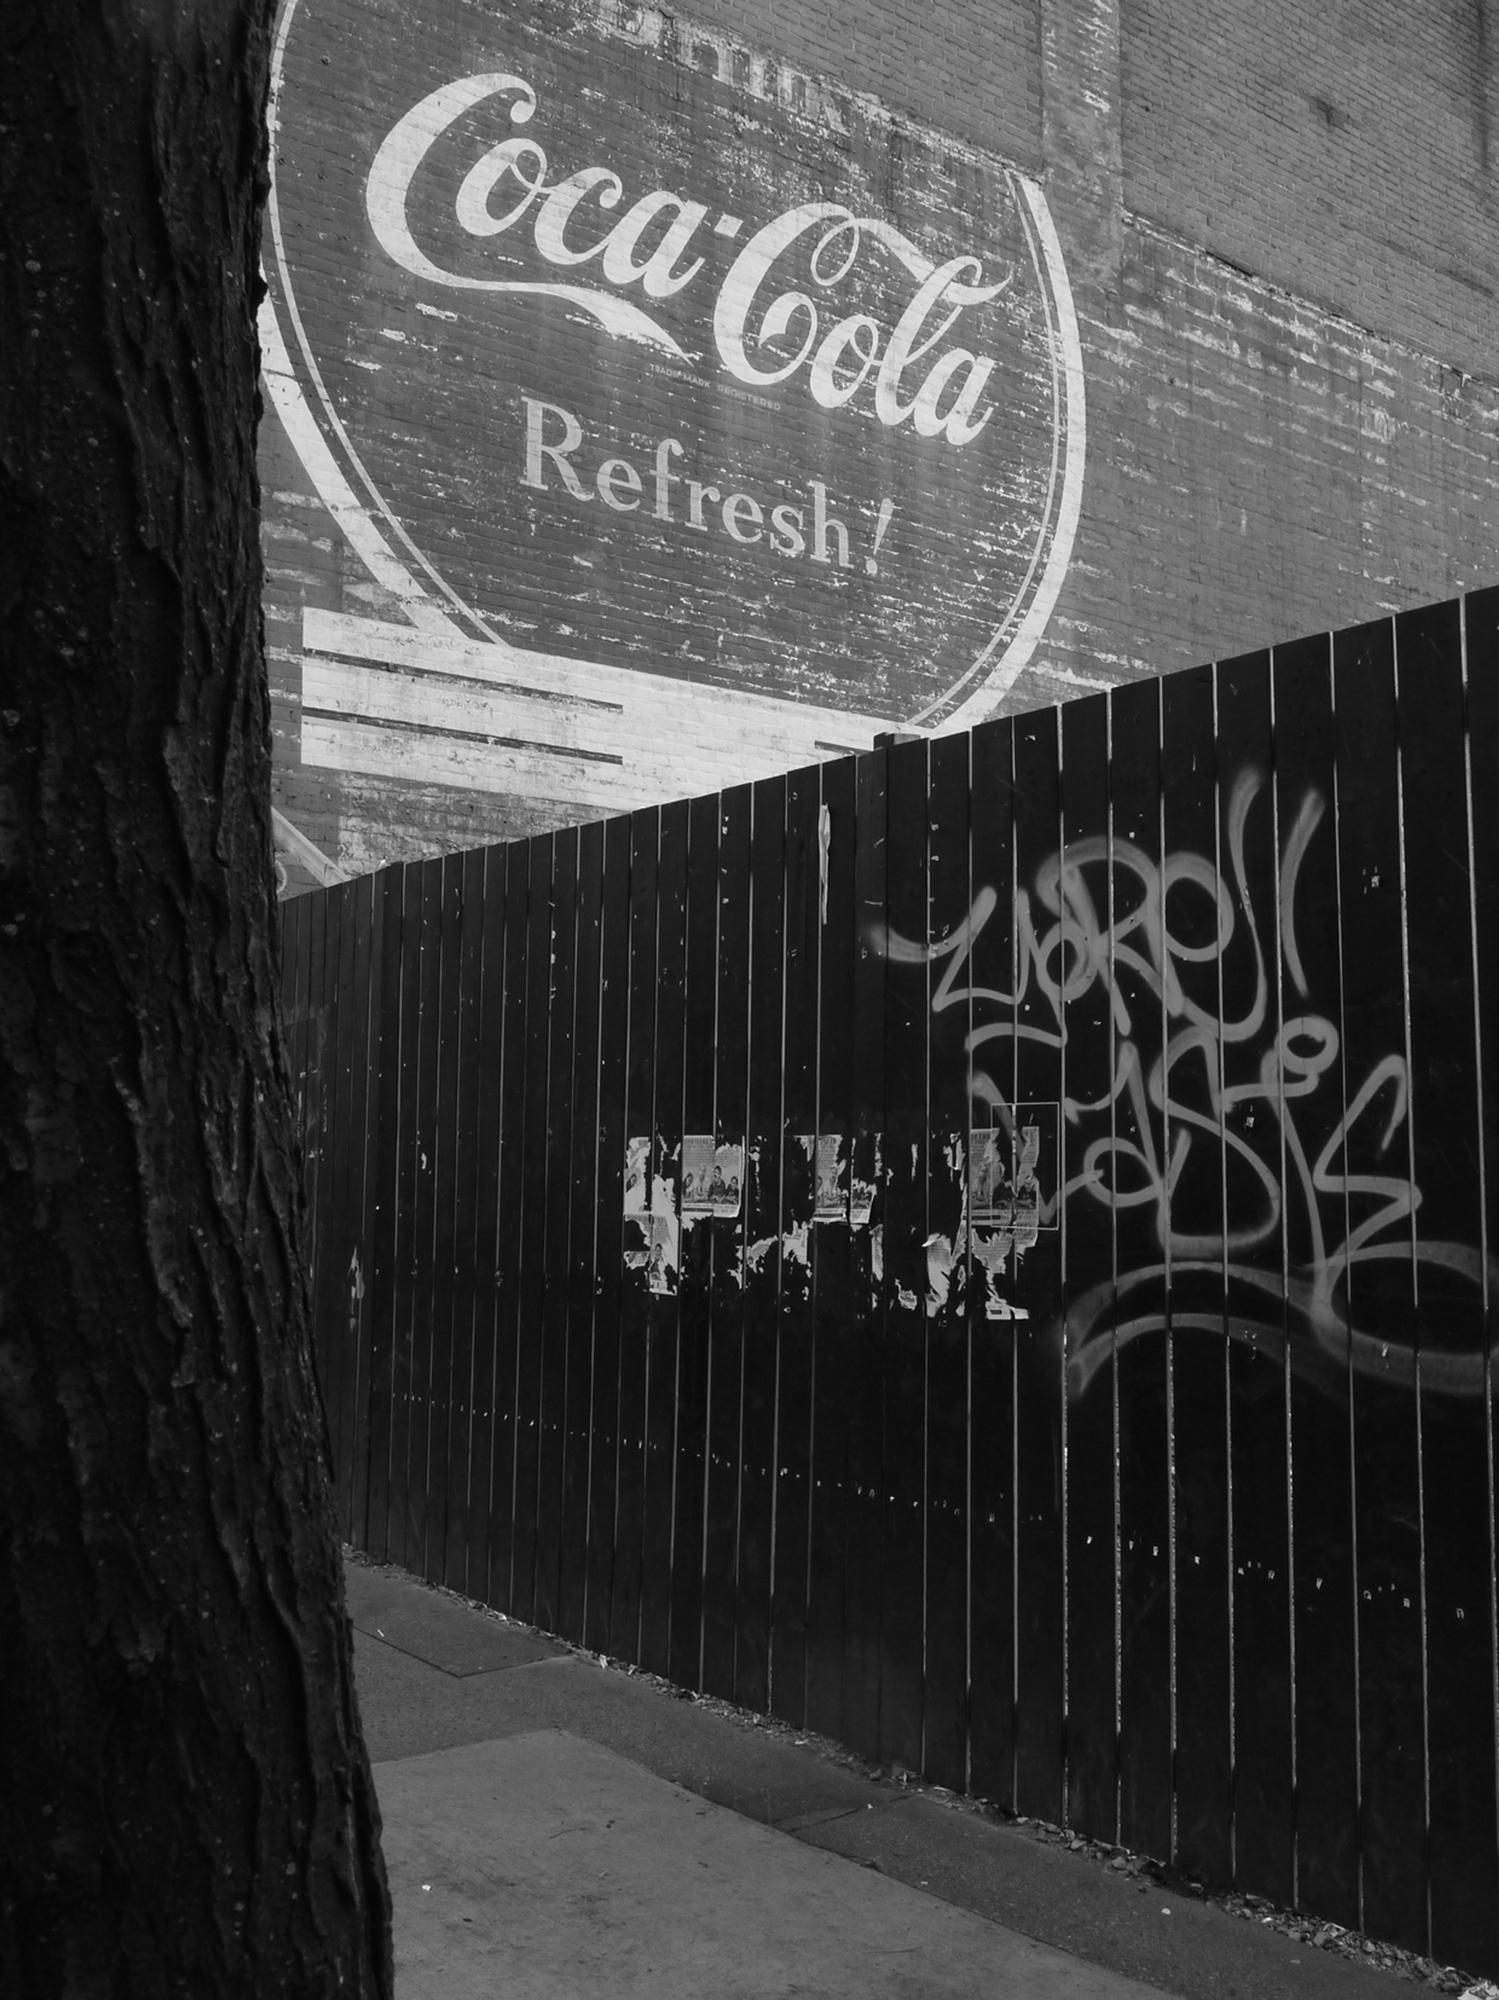 2012-James-graffiti.jpg